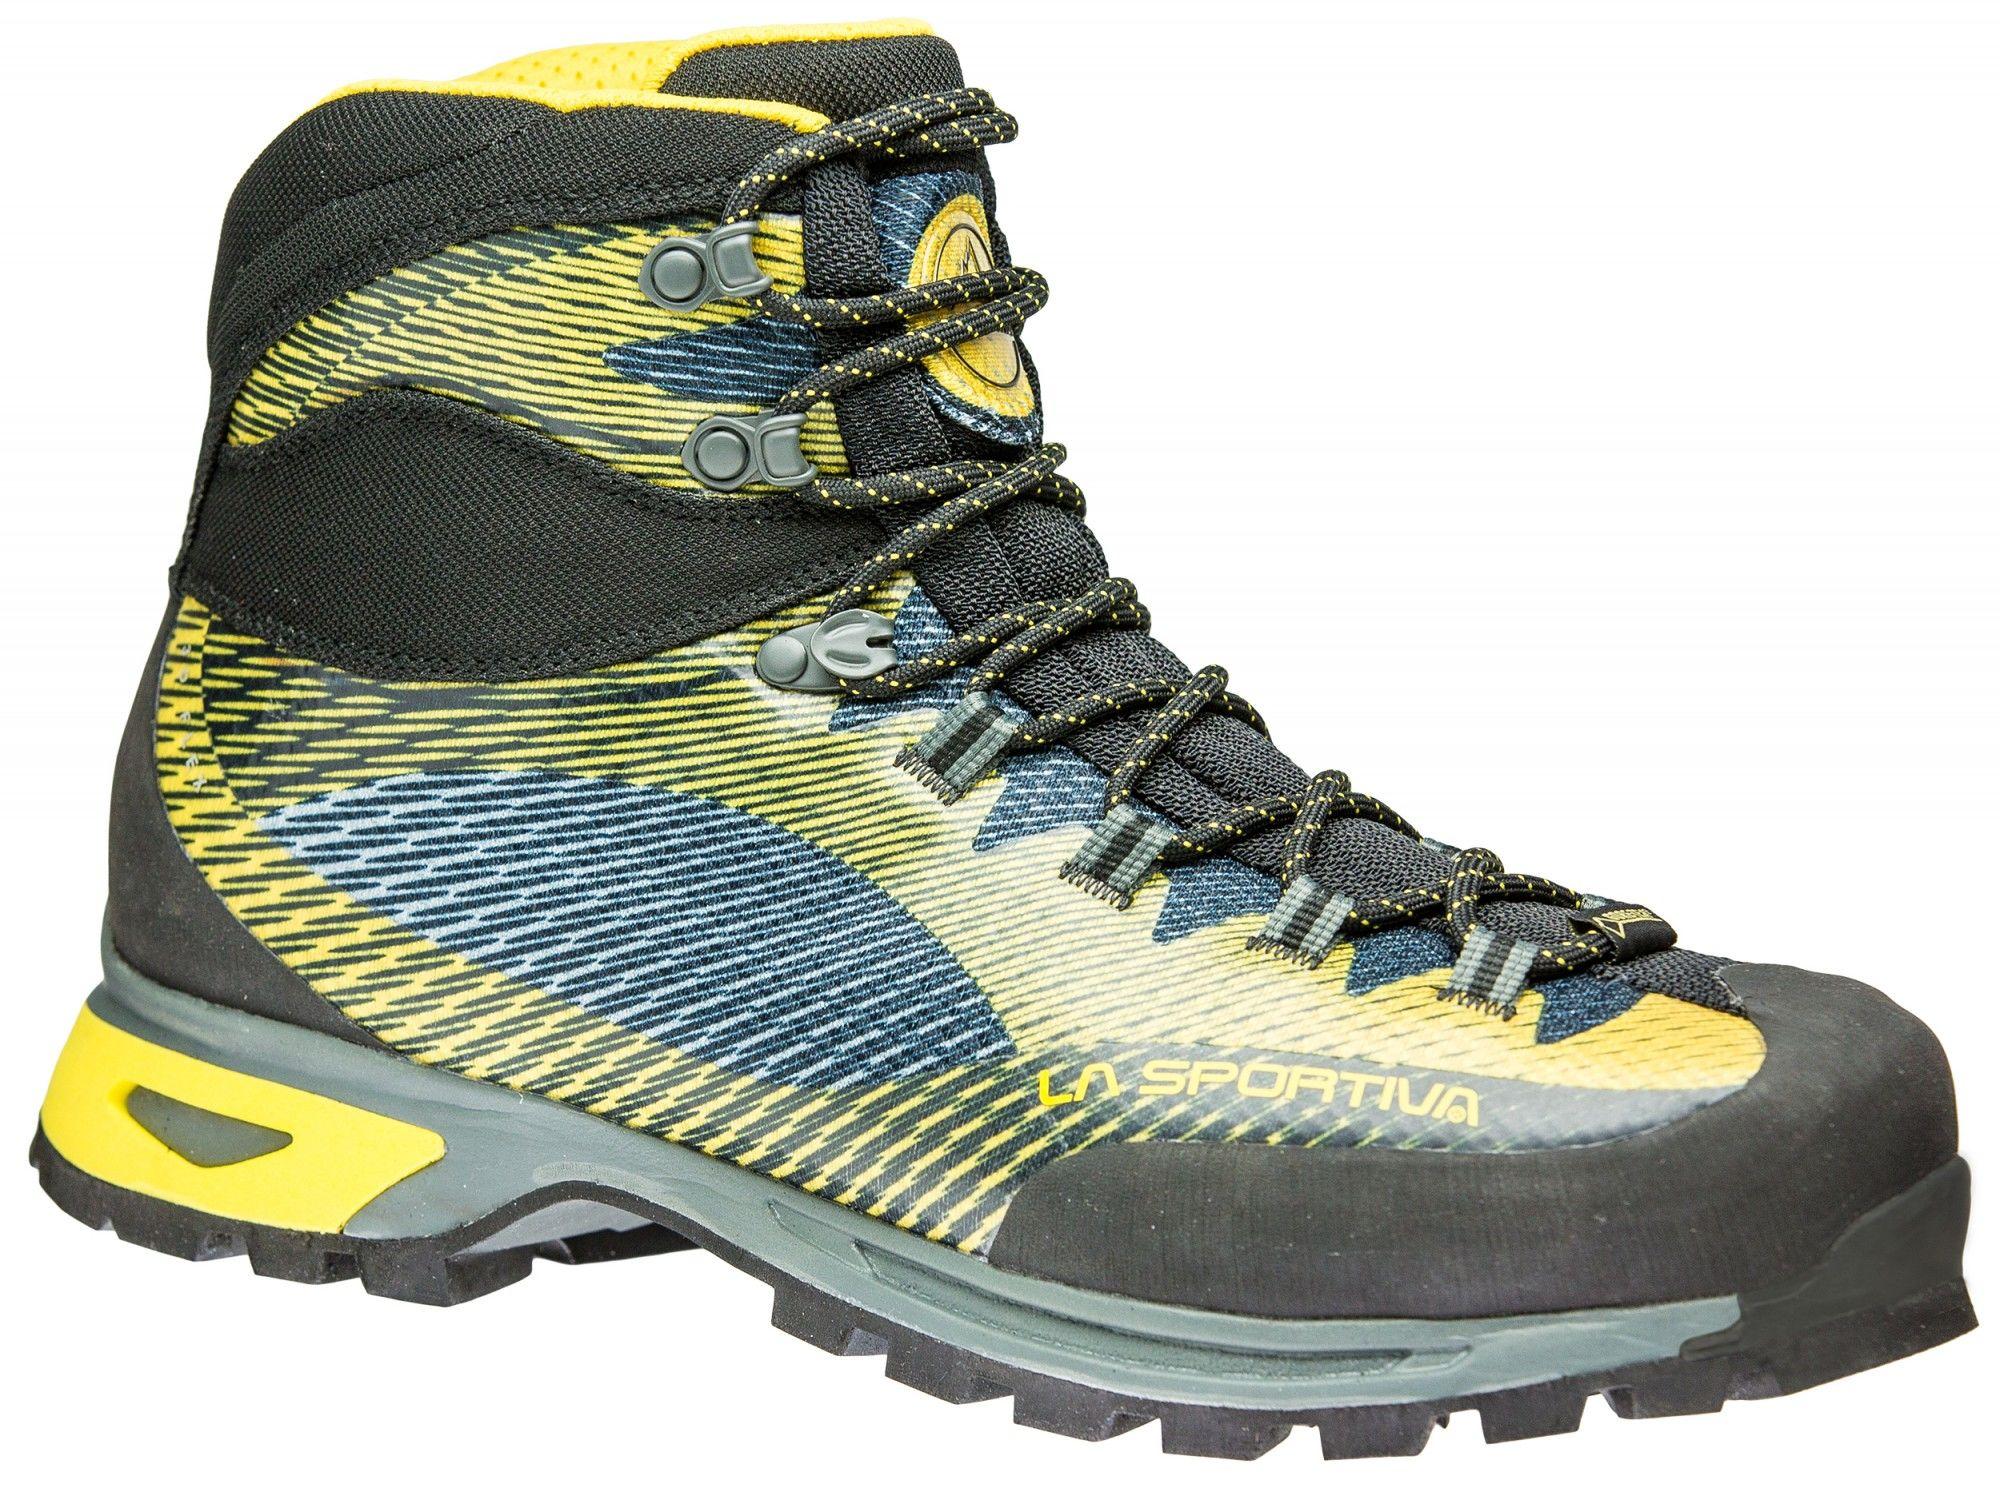 La Sportiva Trango TRK Gtx® Schwarz, Male Gore-Tex® EU 41 -Farbe Yellow -Black